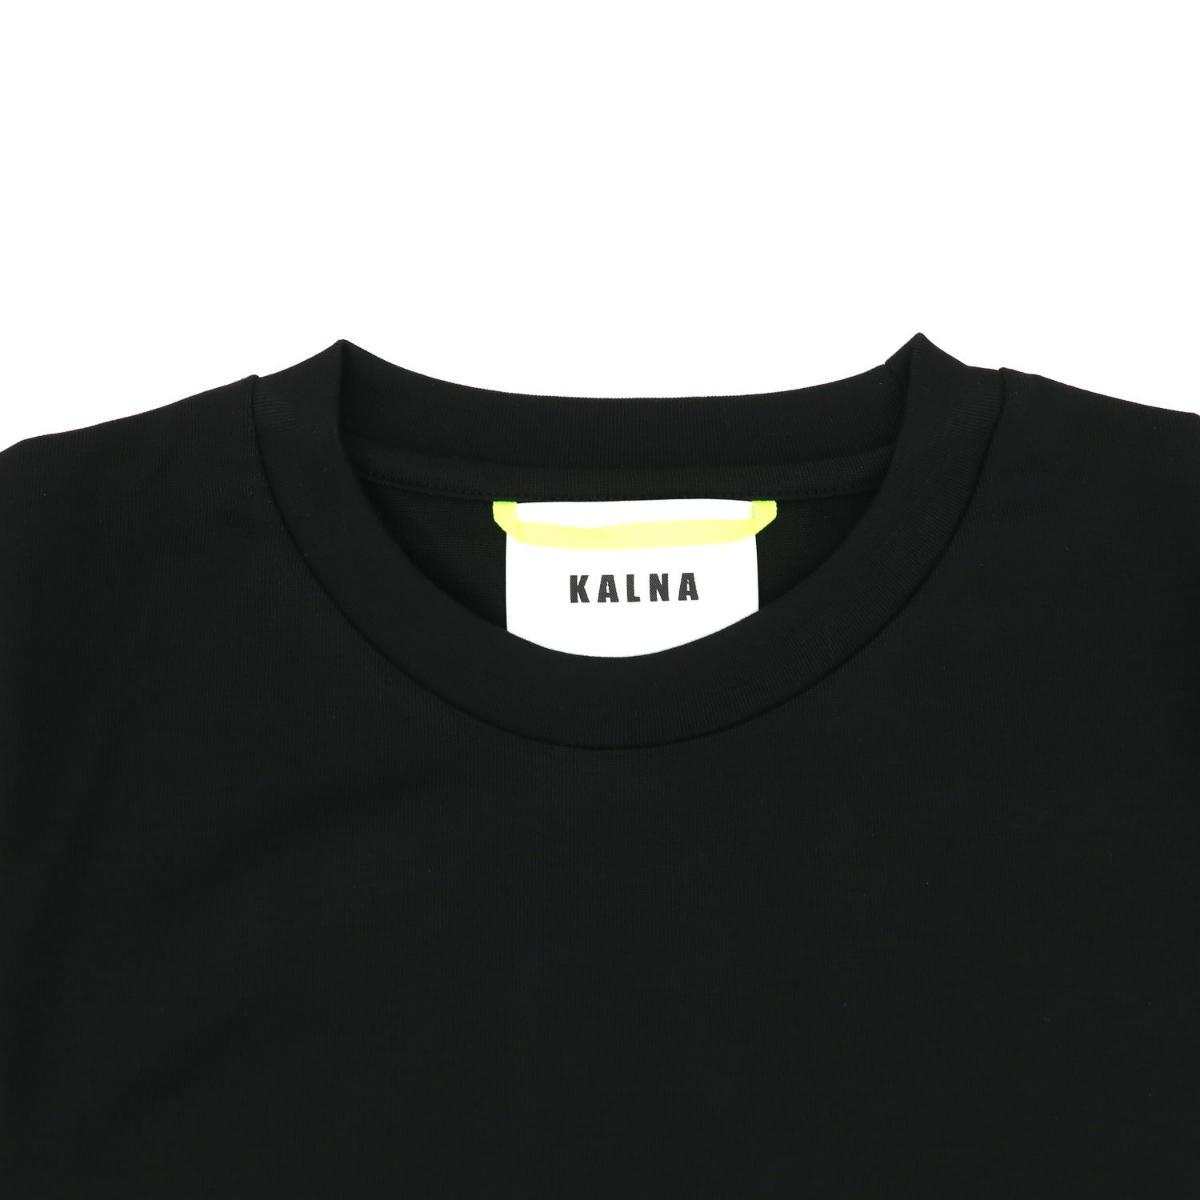 カルナ KALNA レディース ウルティマ コットン クルーネック 半袖Tシャツ 1A11202S KAL 019(ブラック ) 春夏新作